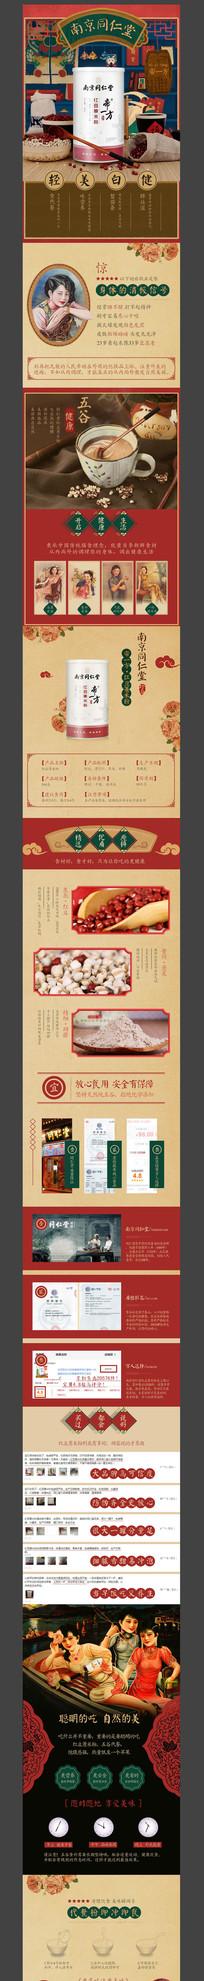 五谷杂粮红豆复古风民国风详情页